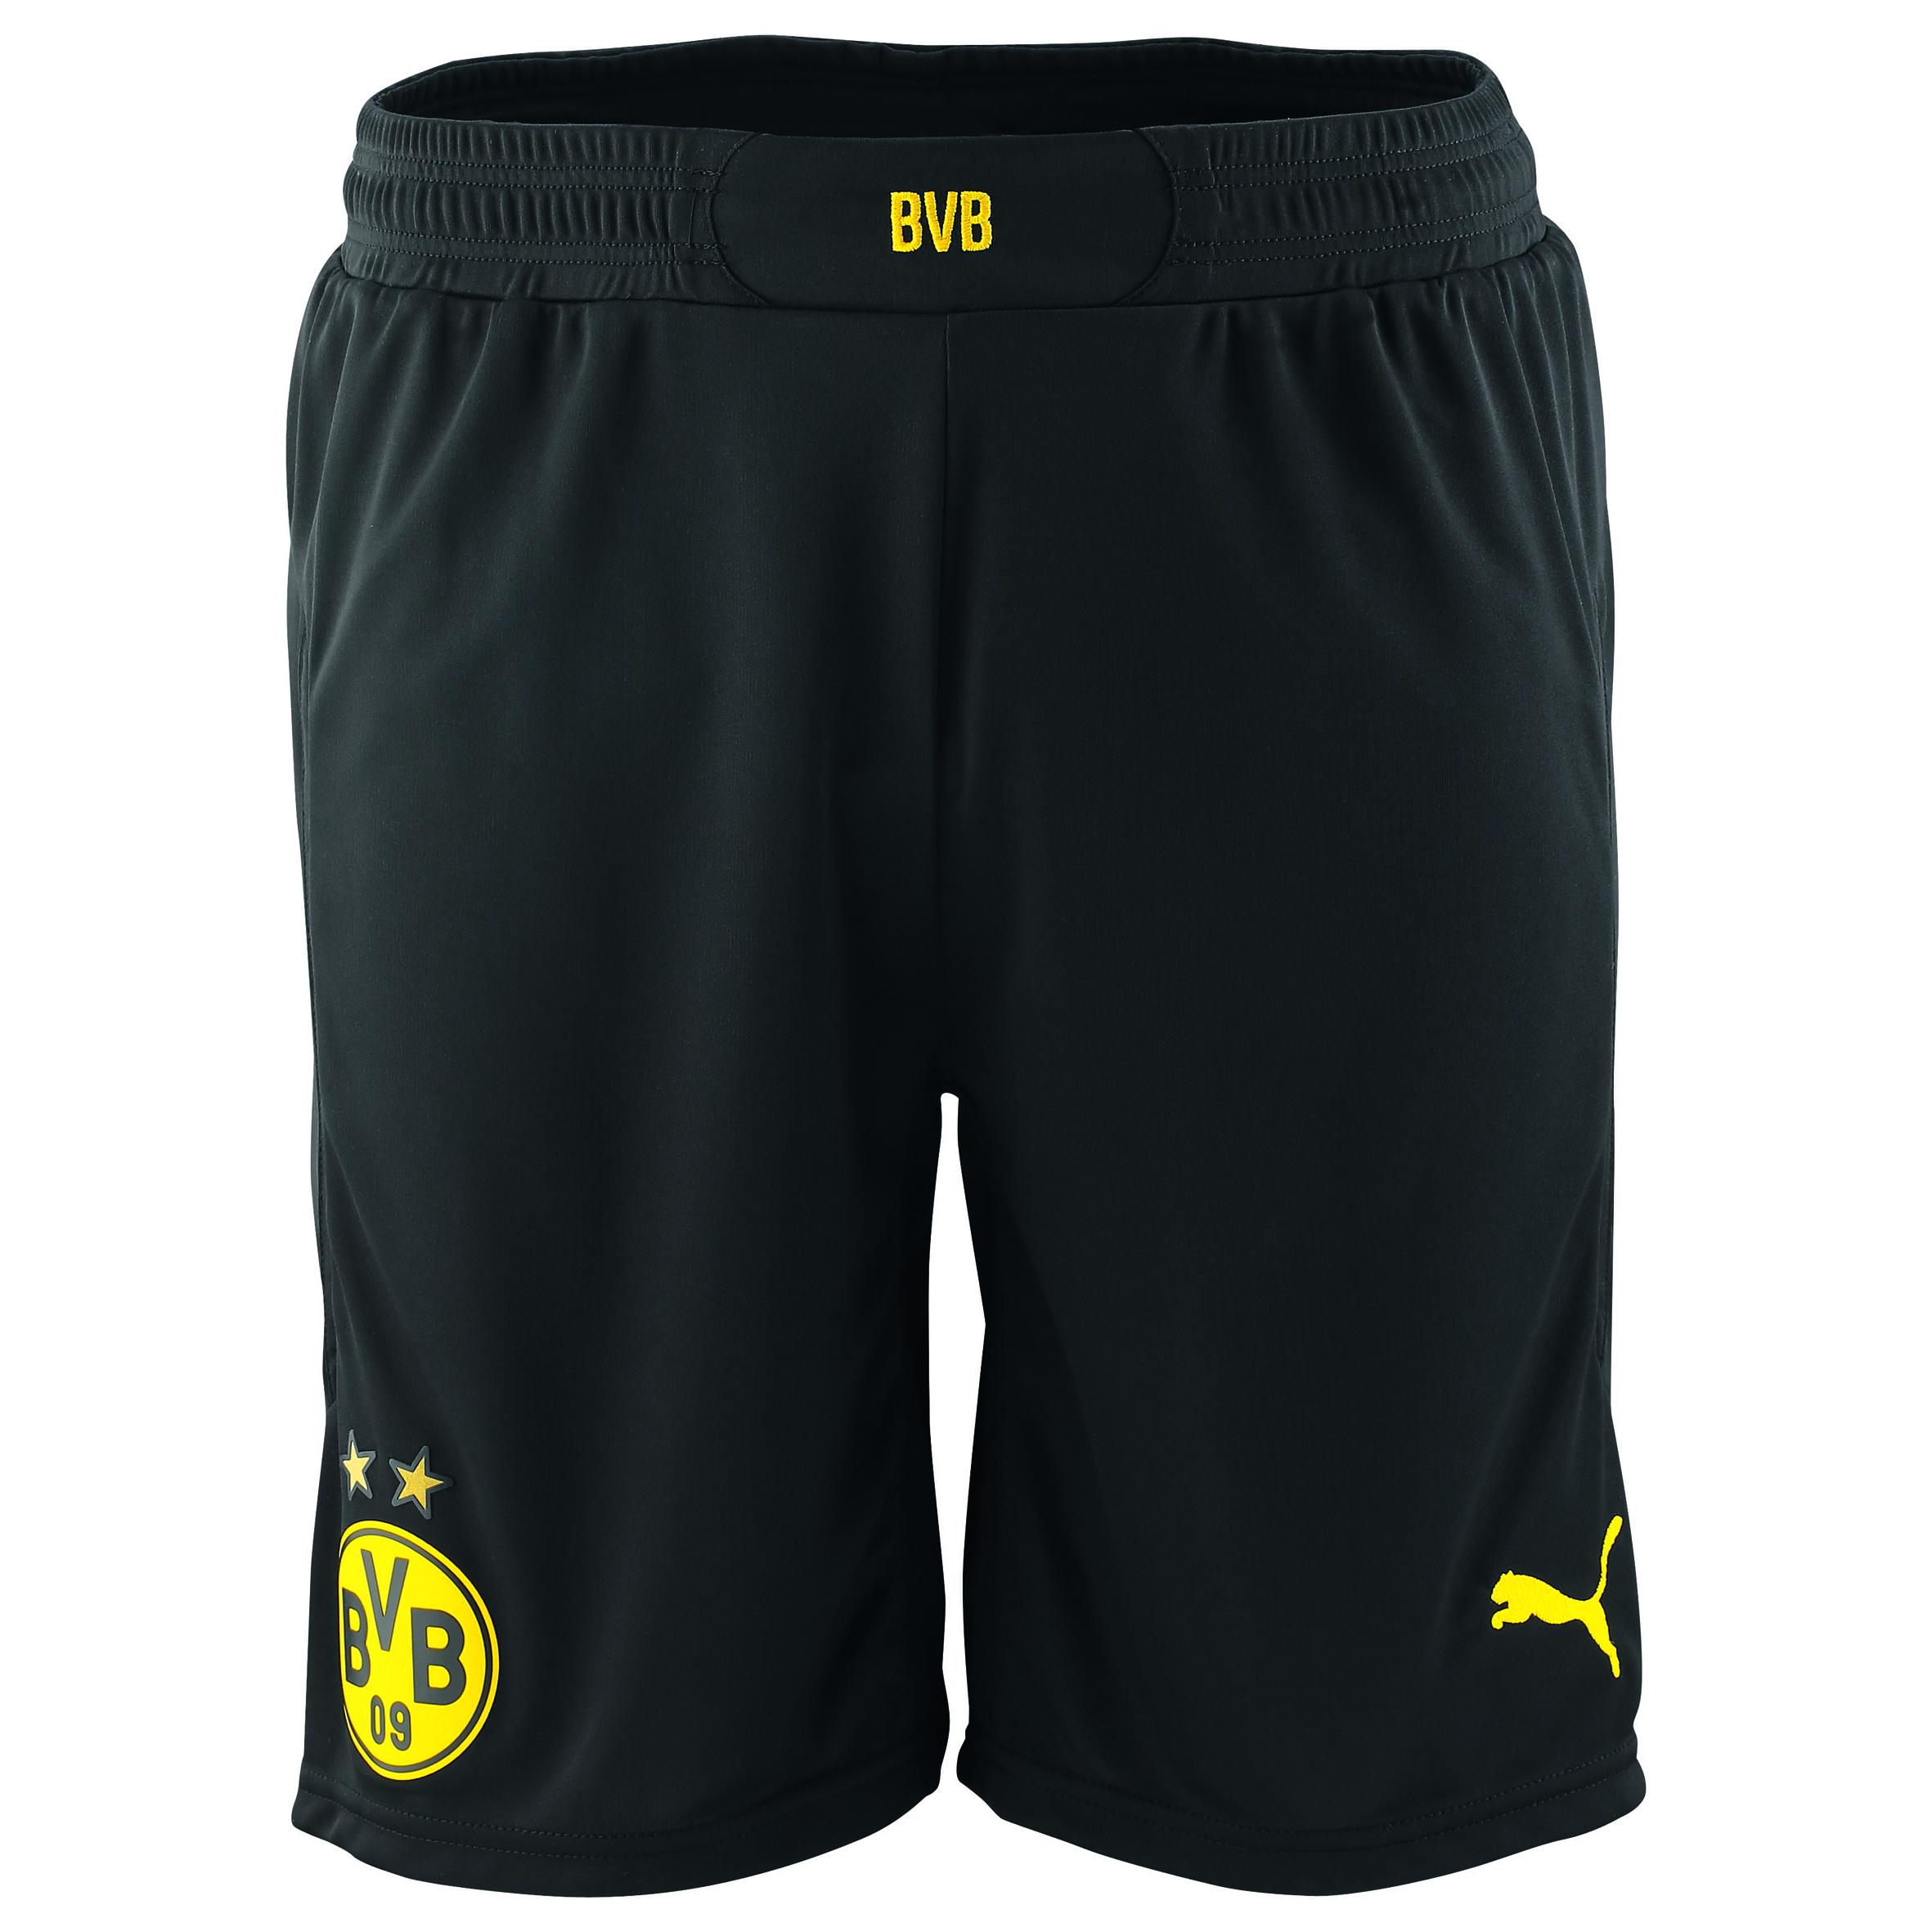 BVB Home Shorts 2014/15